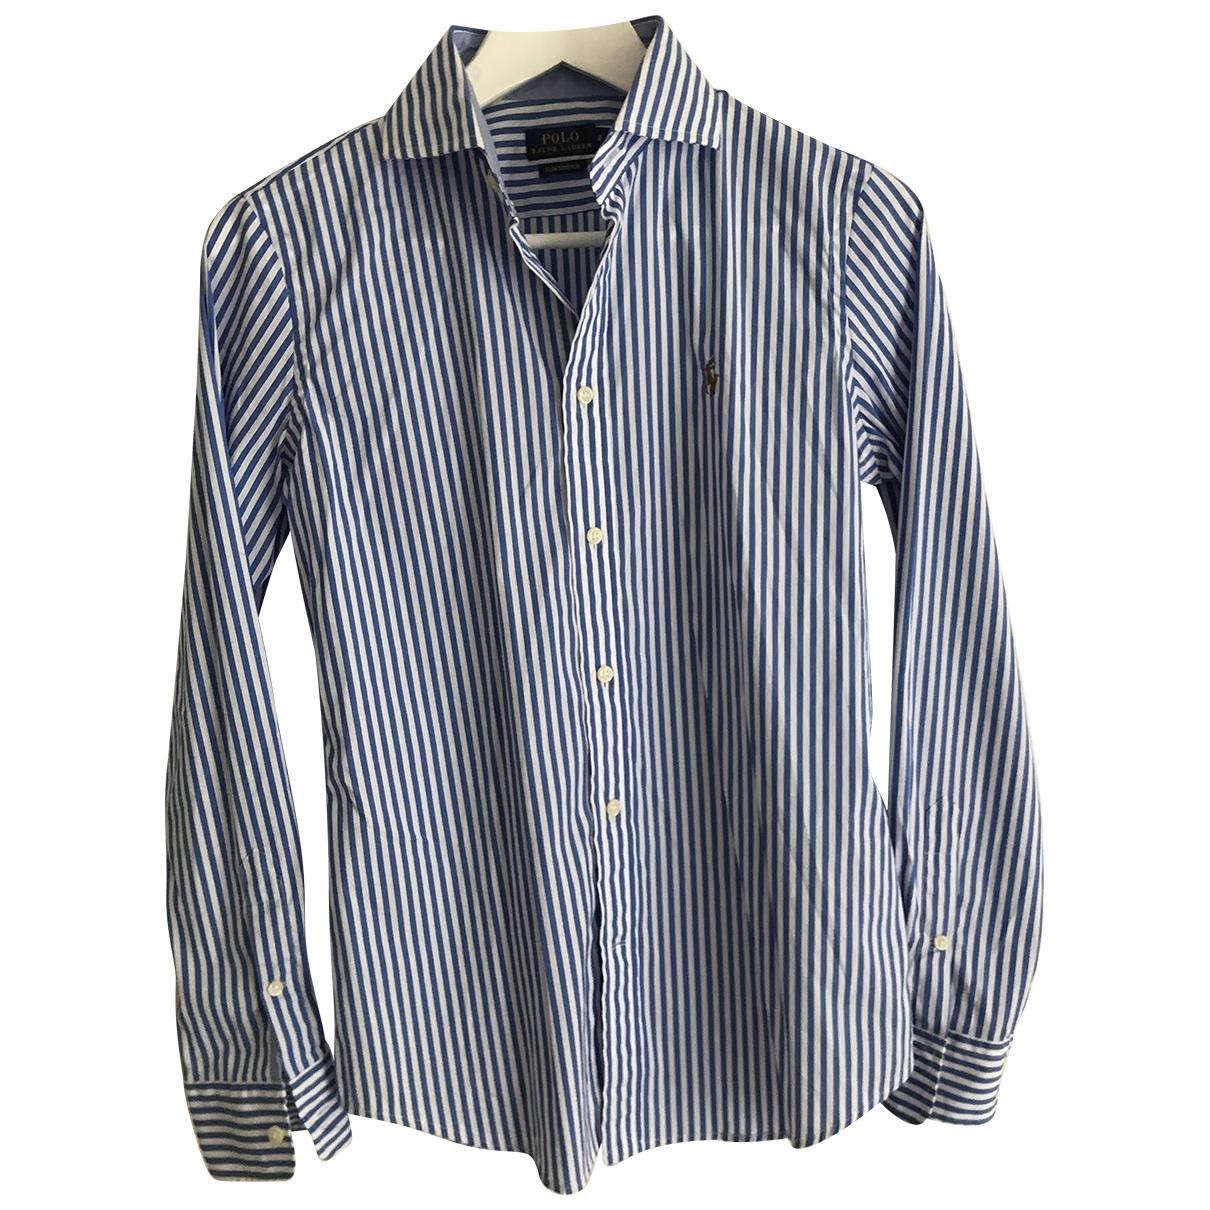 Polo Ralph Lauren \N Top in  Blau Baumwolle